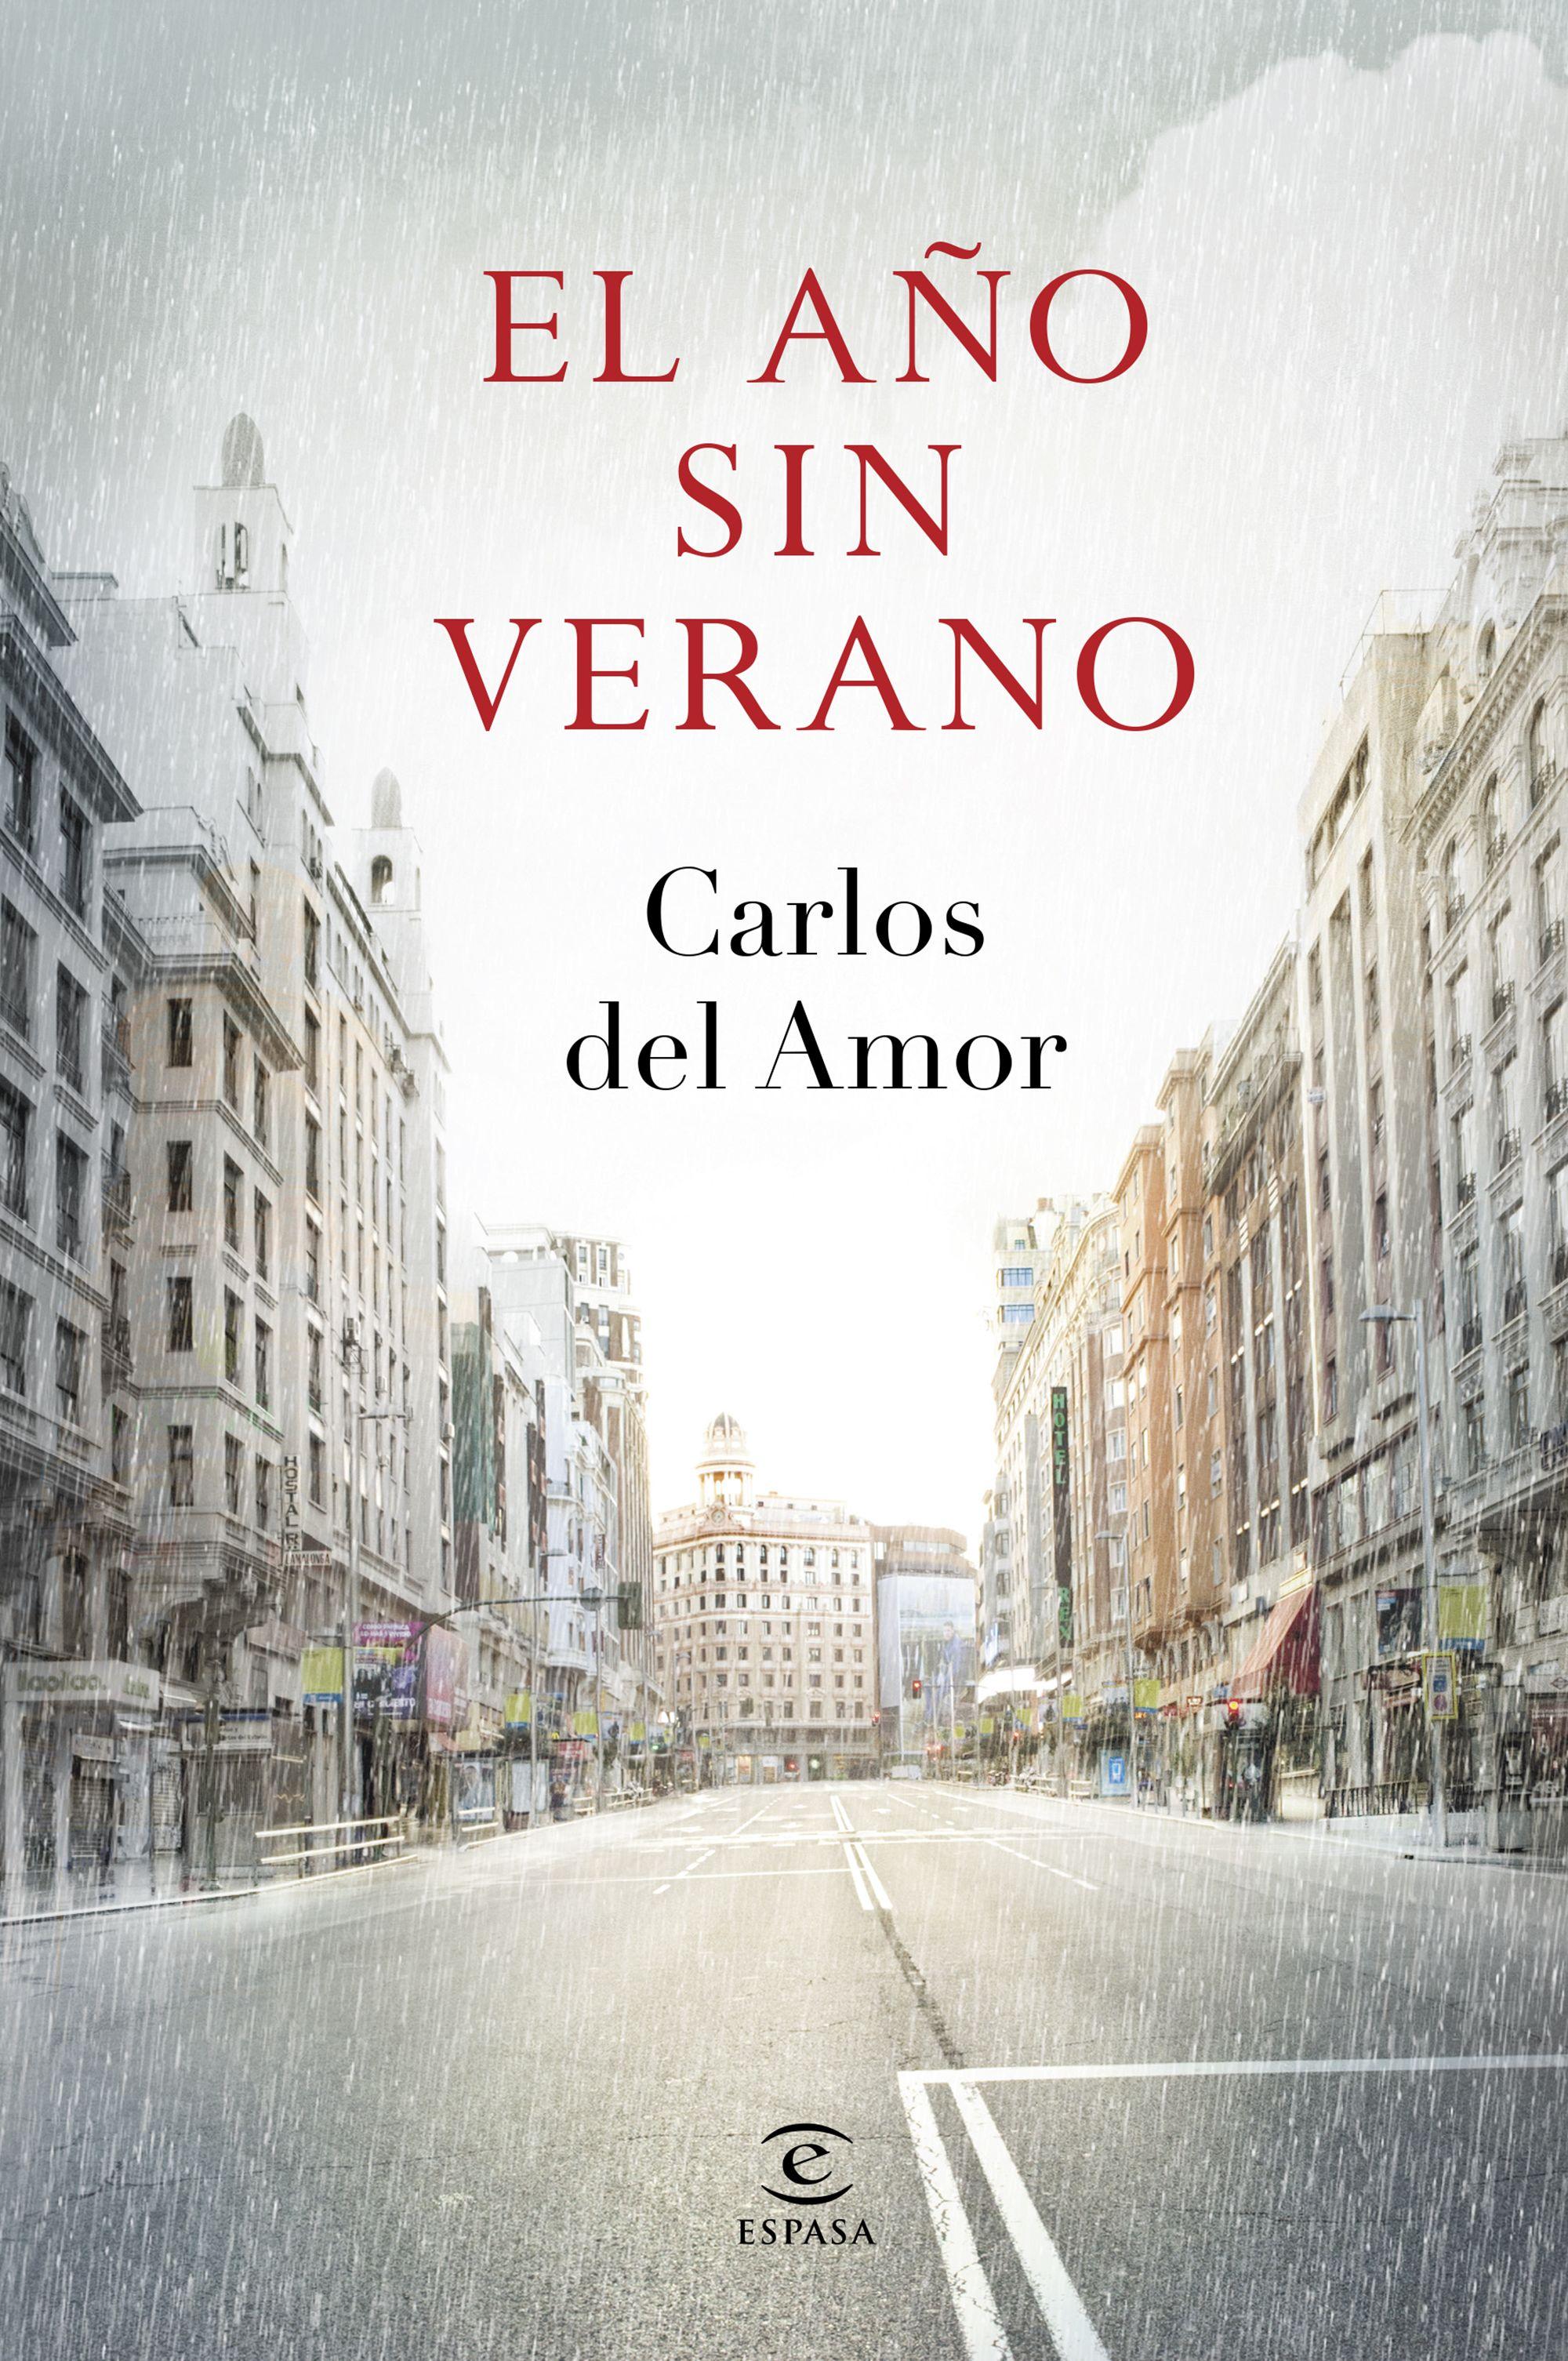 portada_el-ano-sin-verano_carlos-del-amor_201501141328